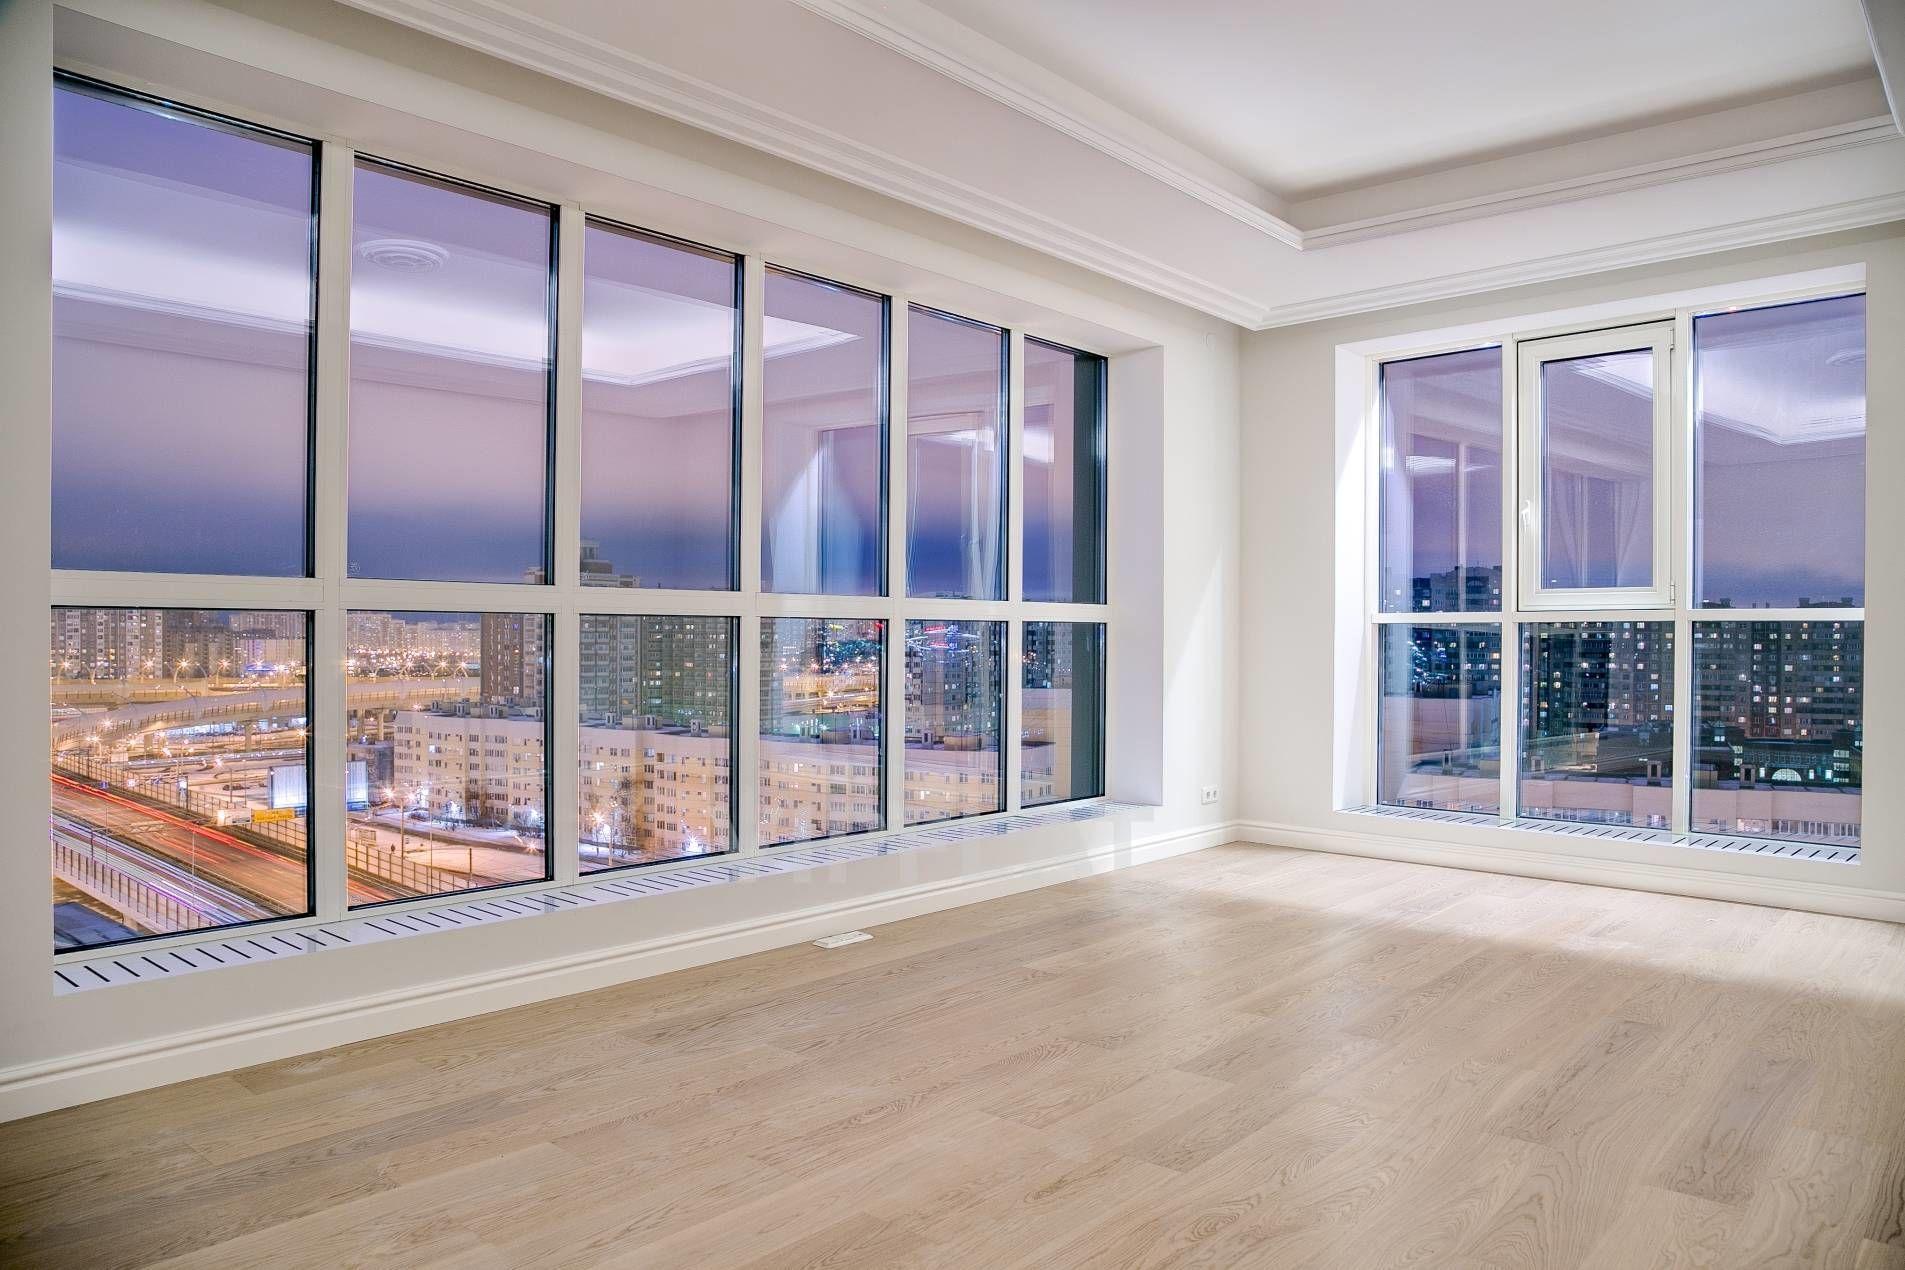 Продажа элитных квартир Санкт-Петербурга. Приморский пр., 52 к.1 Огромные окна во всю стену